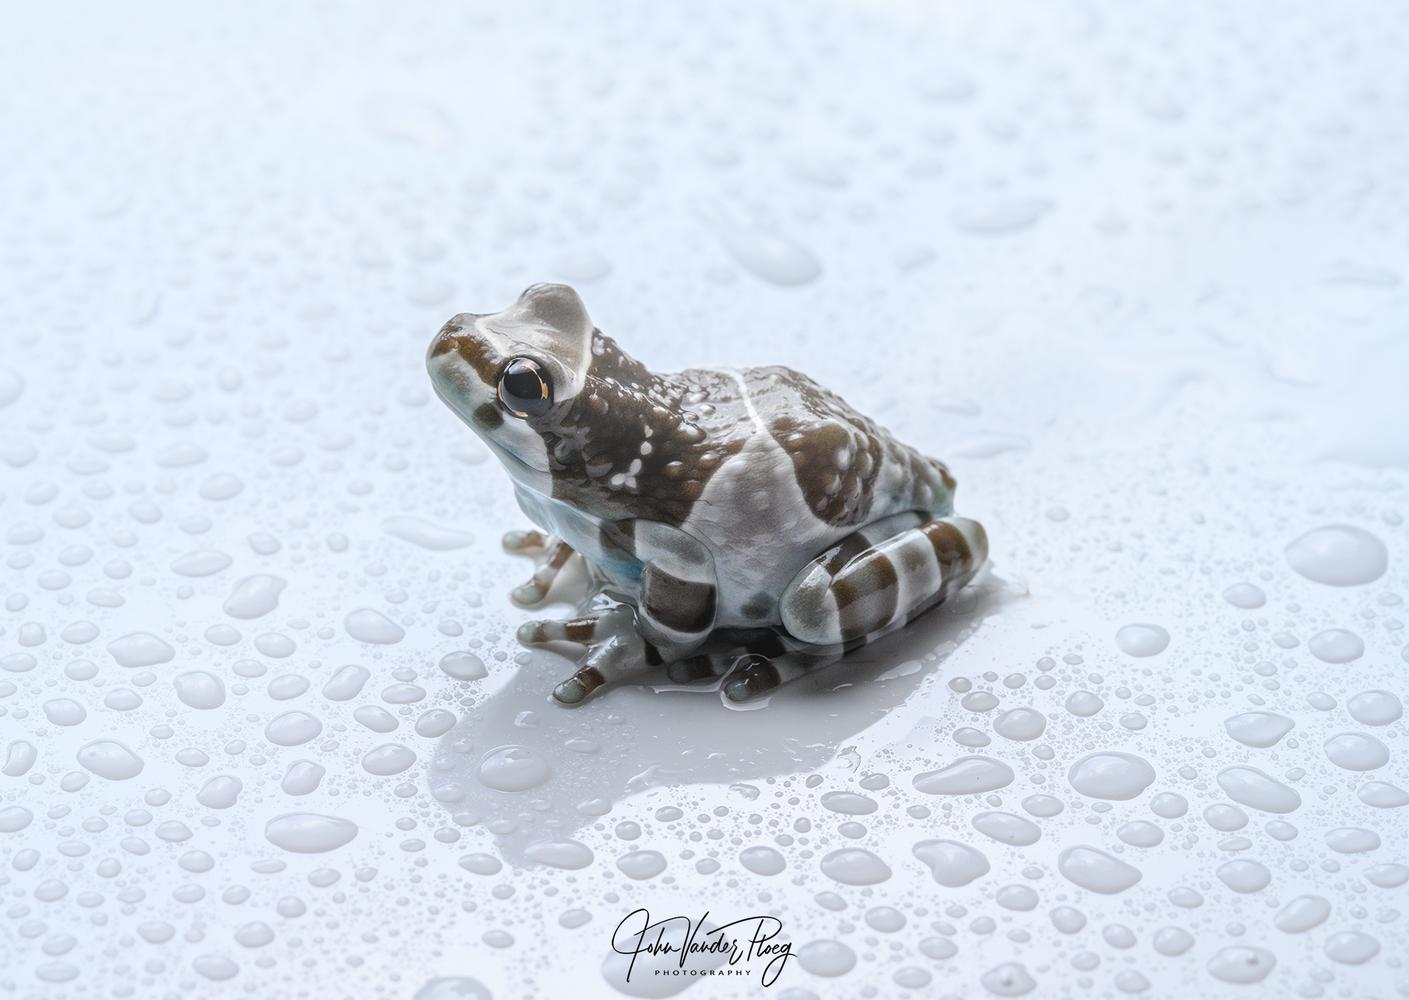 Milk Frog by John Vander Ploeg